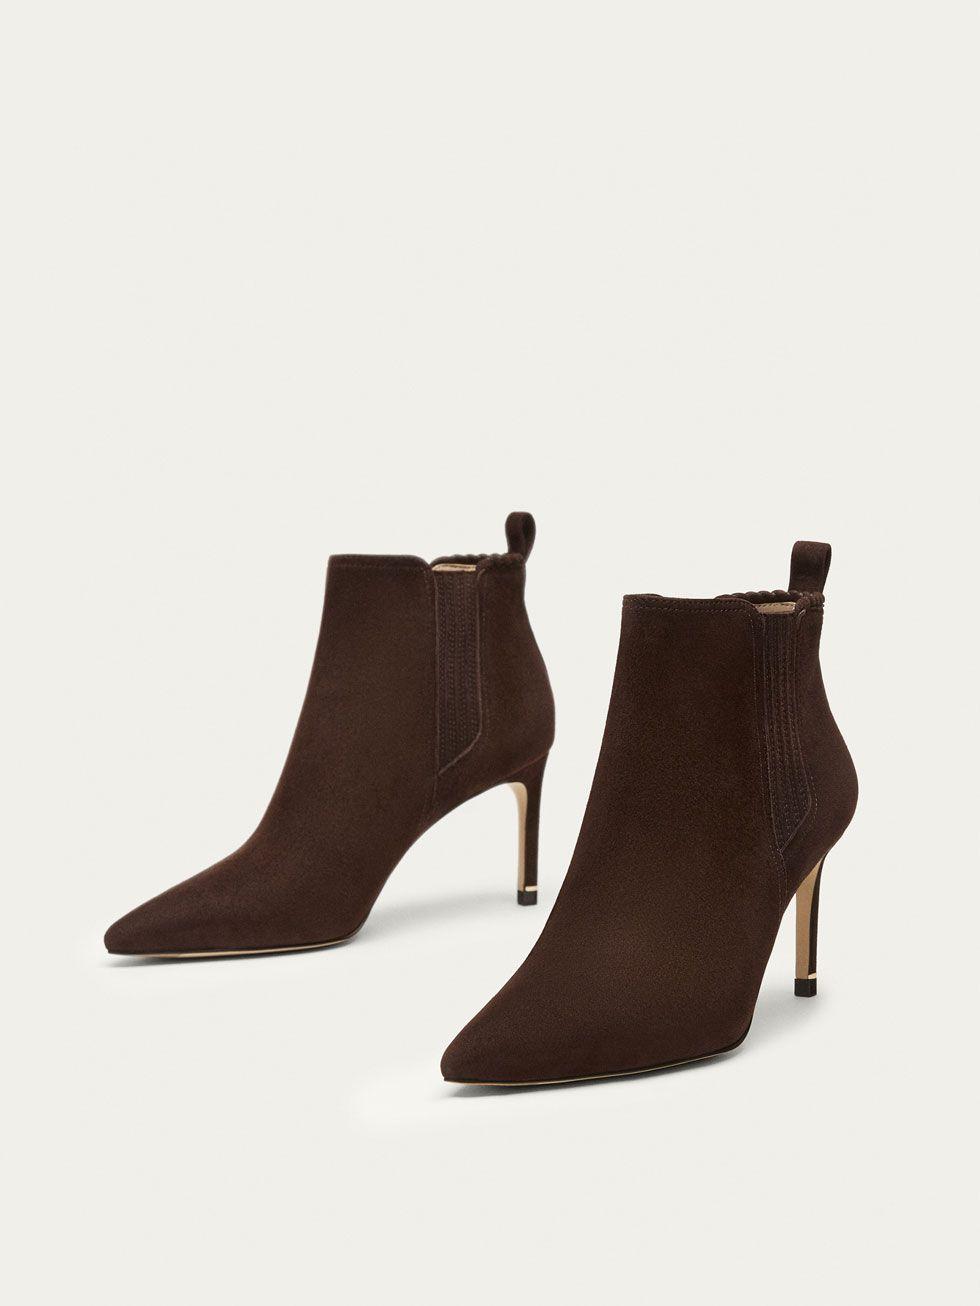 BOTTINE À TALON MARRON CUIR DAIM pour FEMMES - Chaussures - Bottines de  Massimo Dutti pour la saison Automne Hiver 2017 à 129. L´sélégance au  naturel ! 06cf9888f92